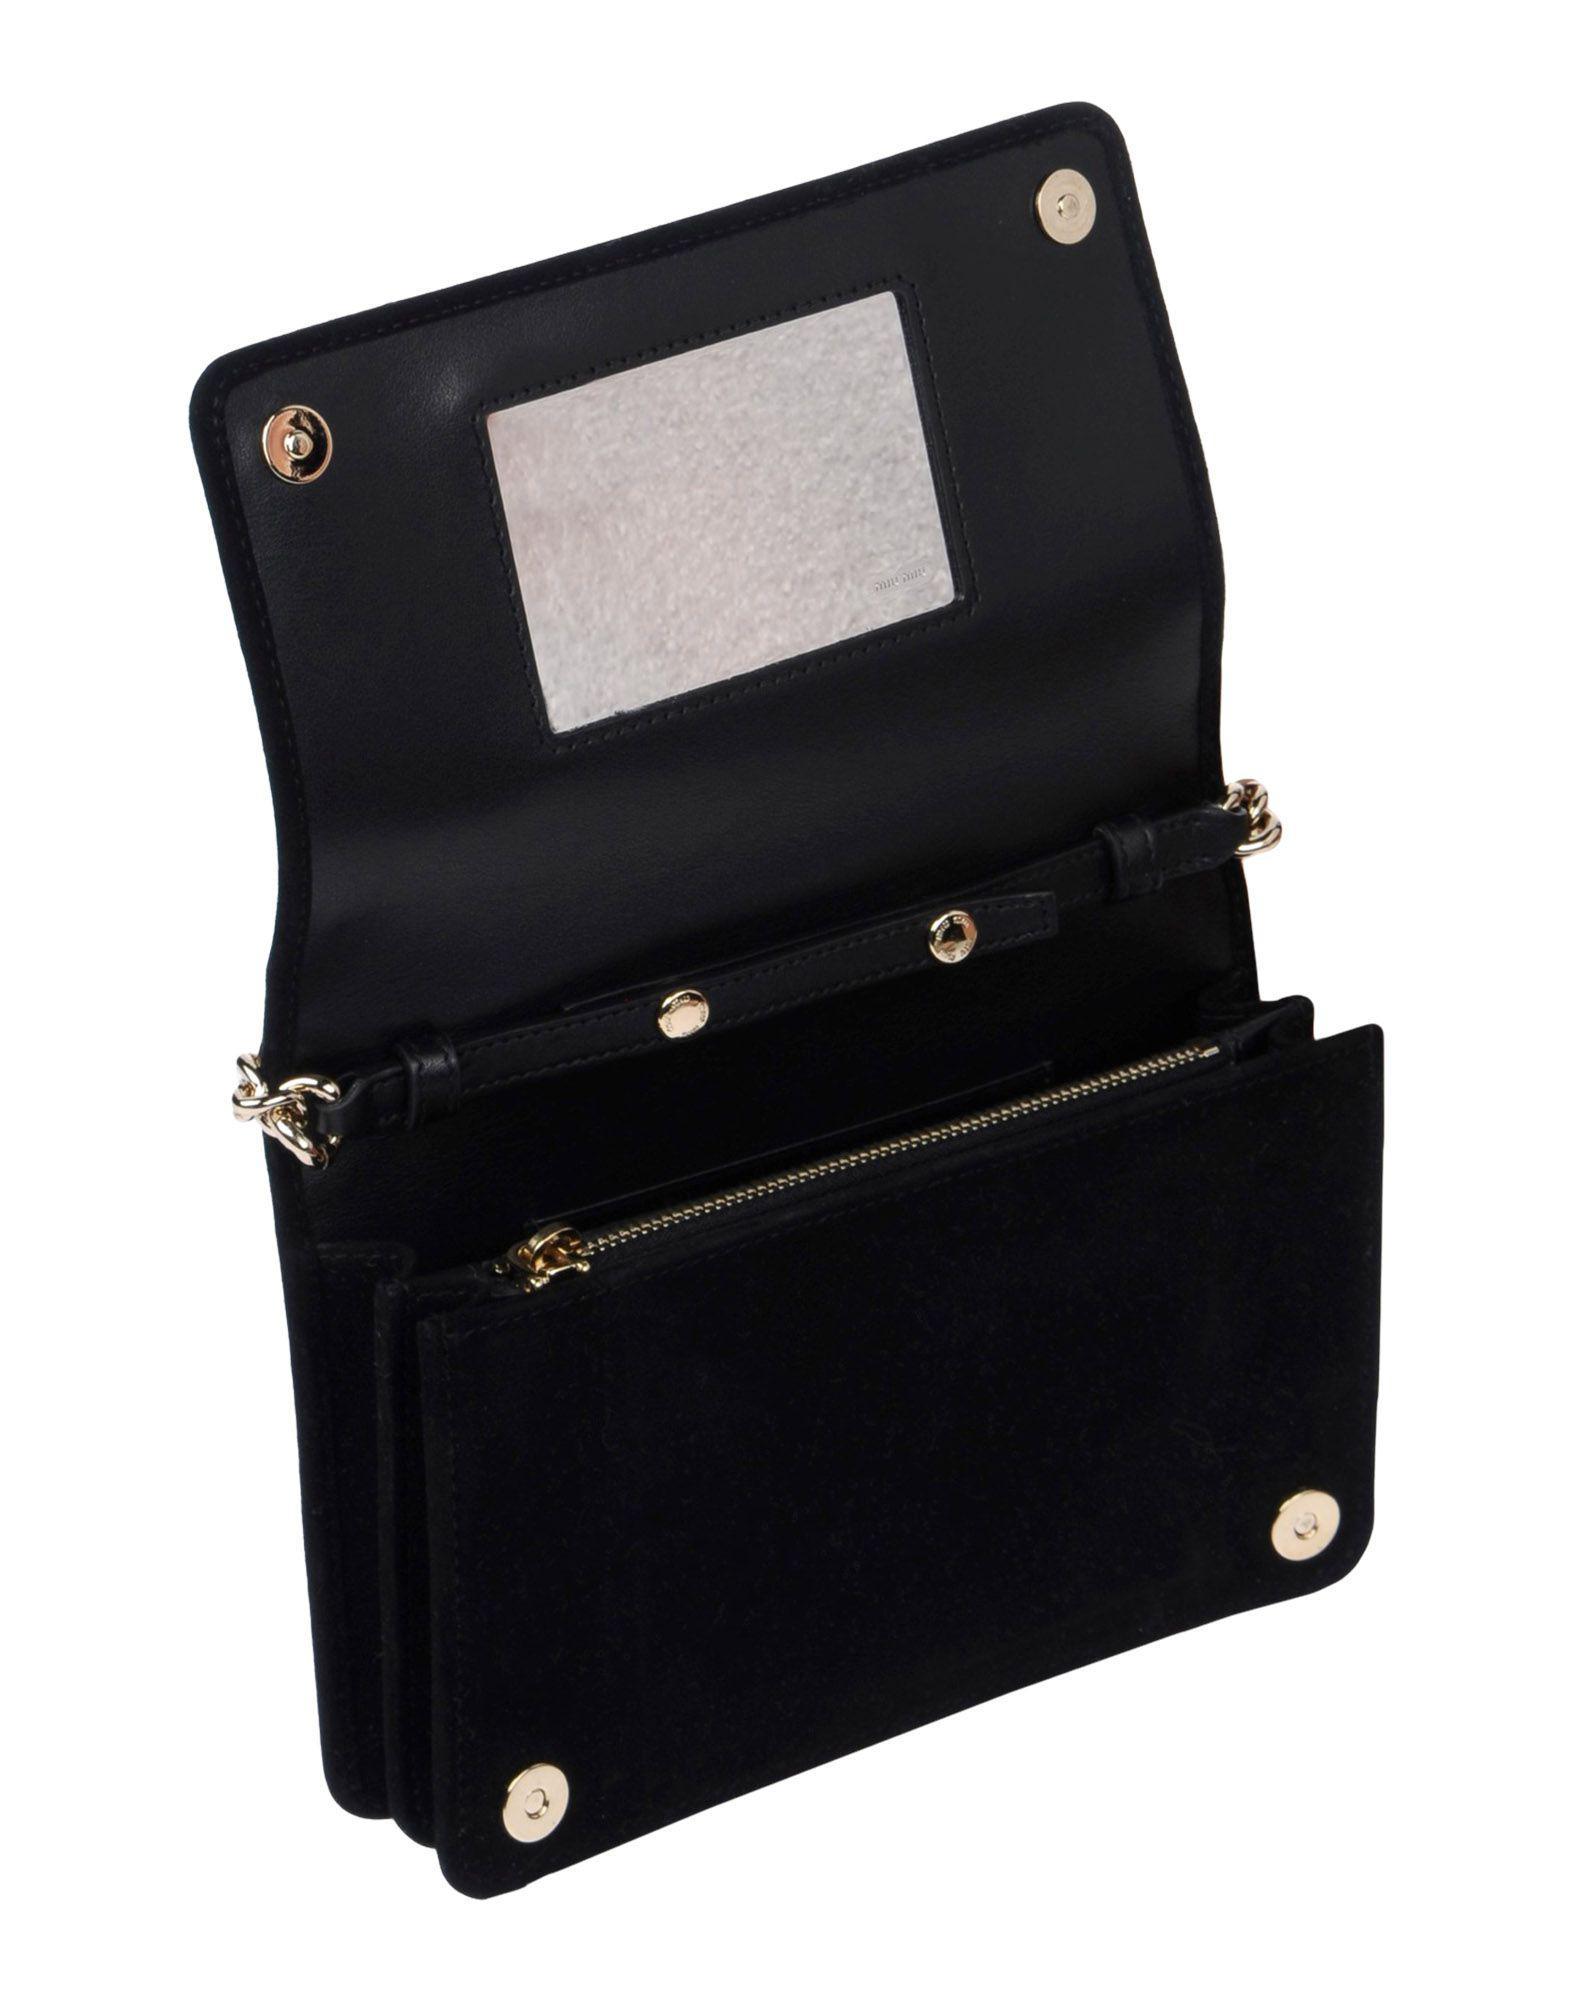 Miu Miu Suede Cross-body Bag in Black